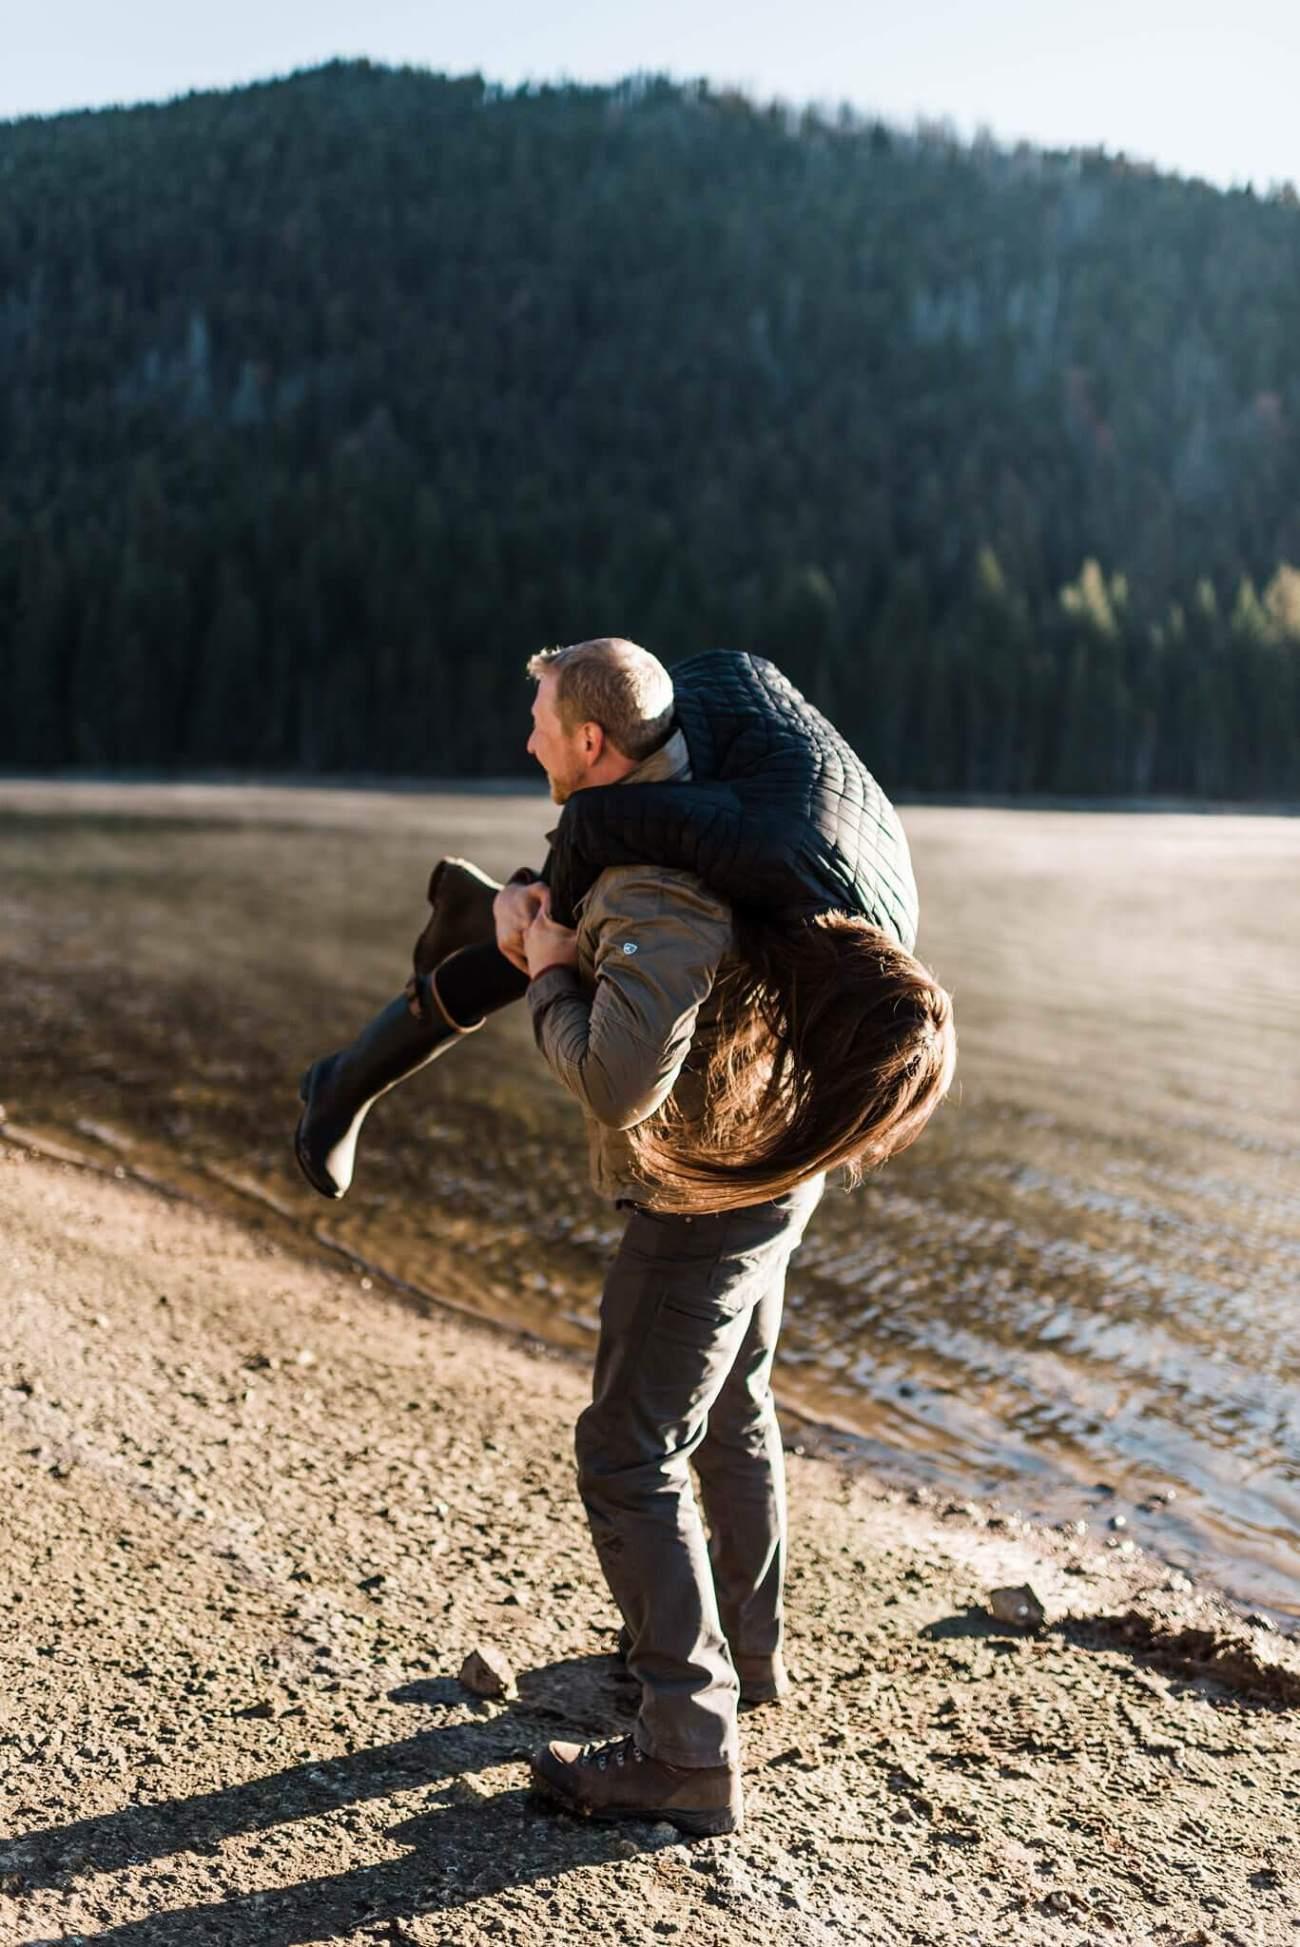 Canoe-Lake-Adventure-Engagement-Session-Oregon-Lemolo-S-Photography_0005.jpg